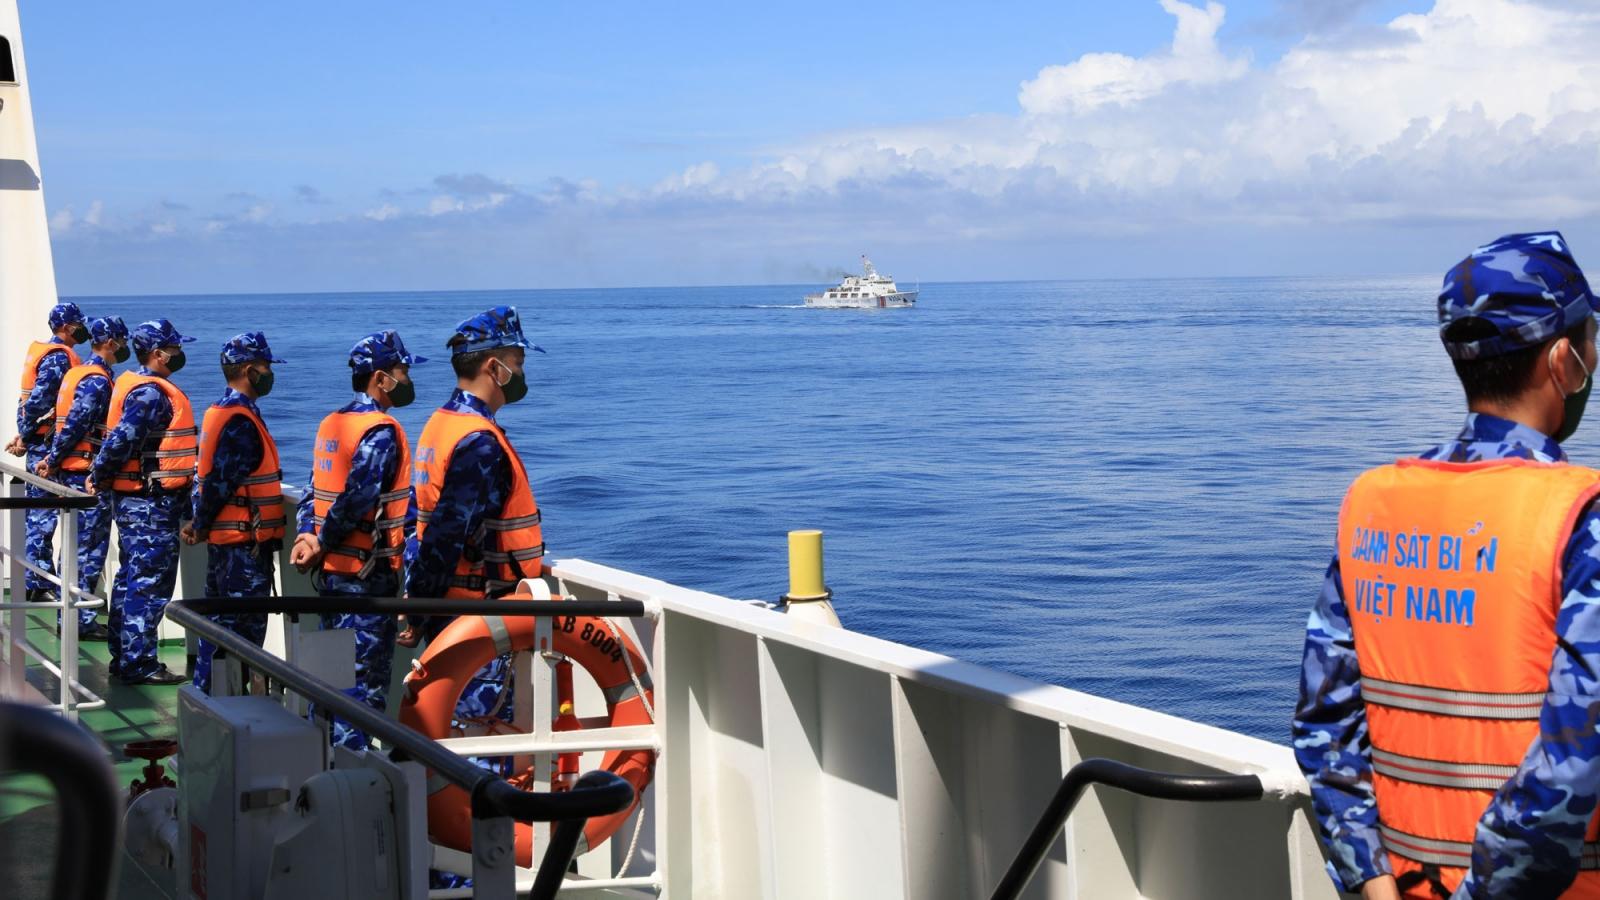 Kết thúc tuần tra liên hợp giữa Cảnh sát biển Việt Nam và Trung Quốc